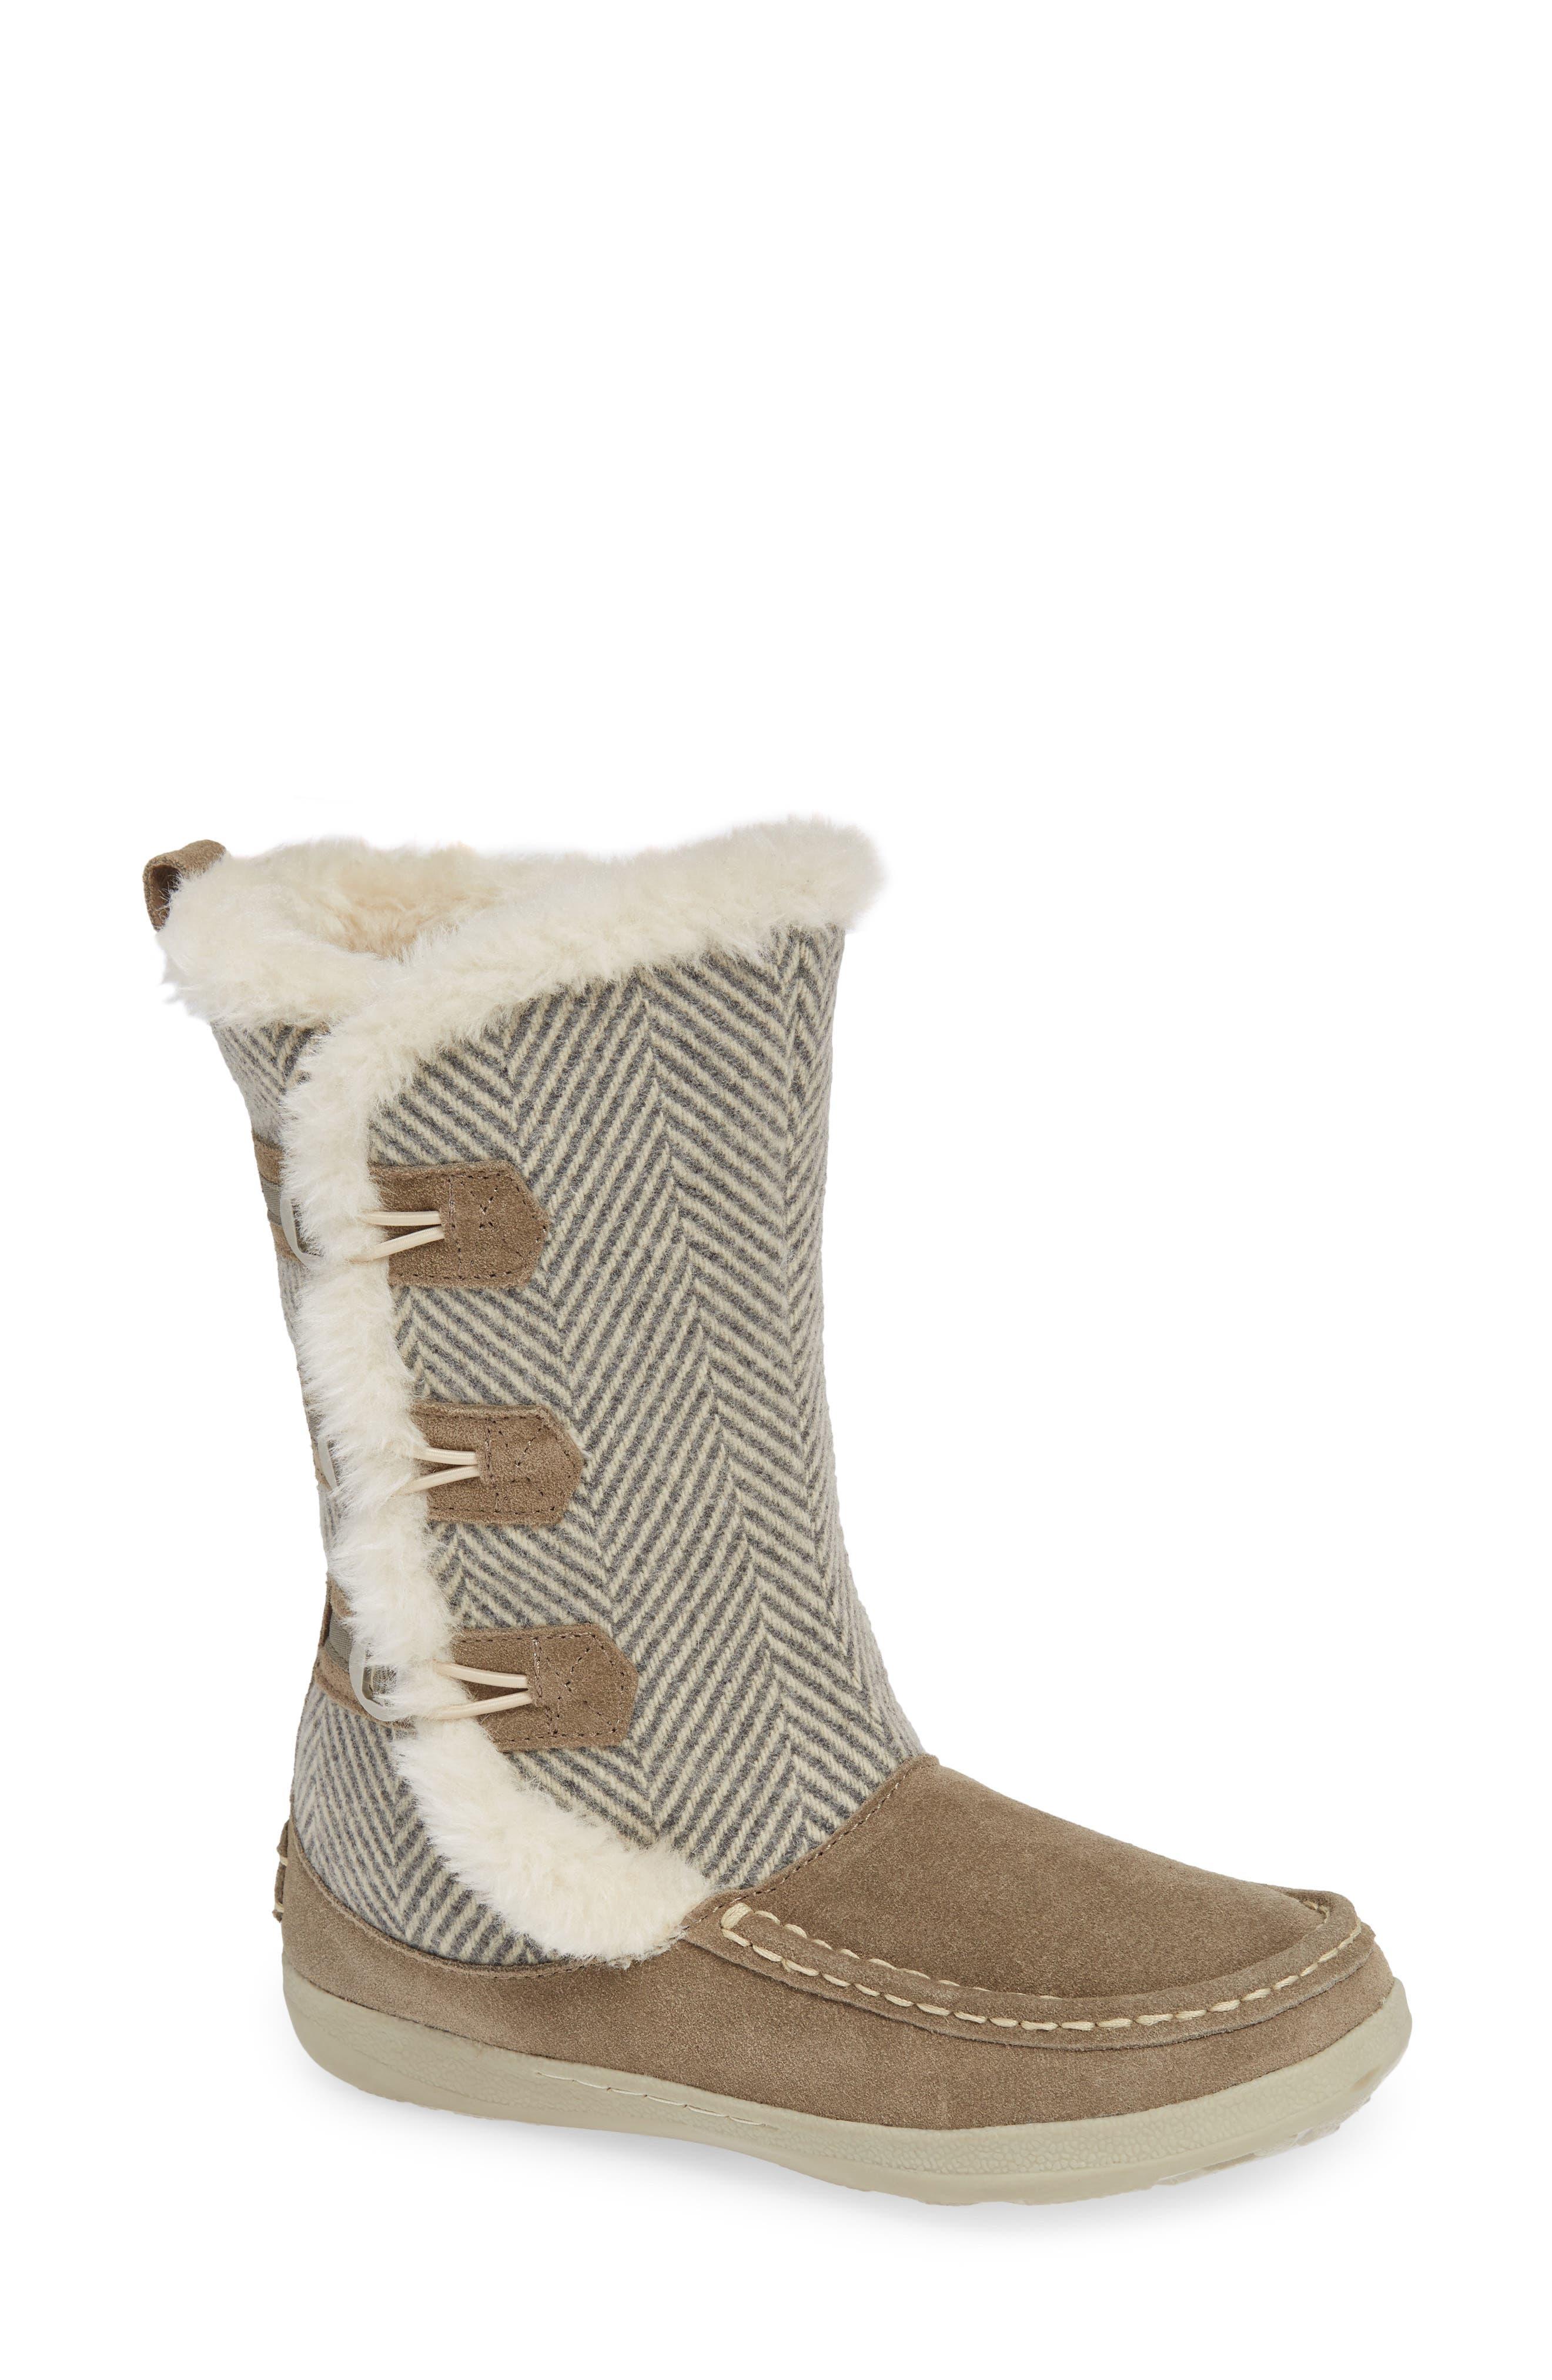 Elk Creek II Boot,                             Main thumbnail 1, color,                             STEEL/ HERRINGBONE SUEDE